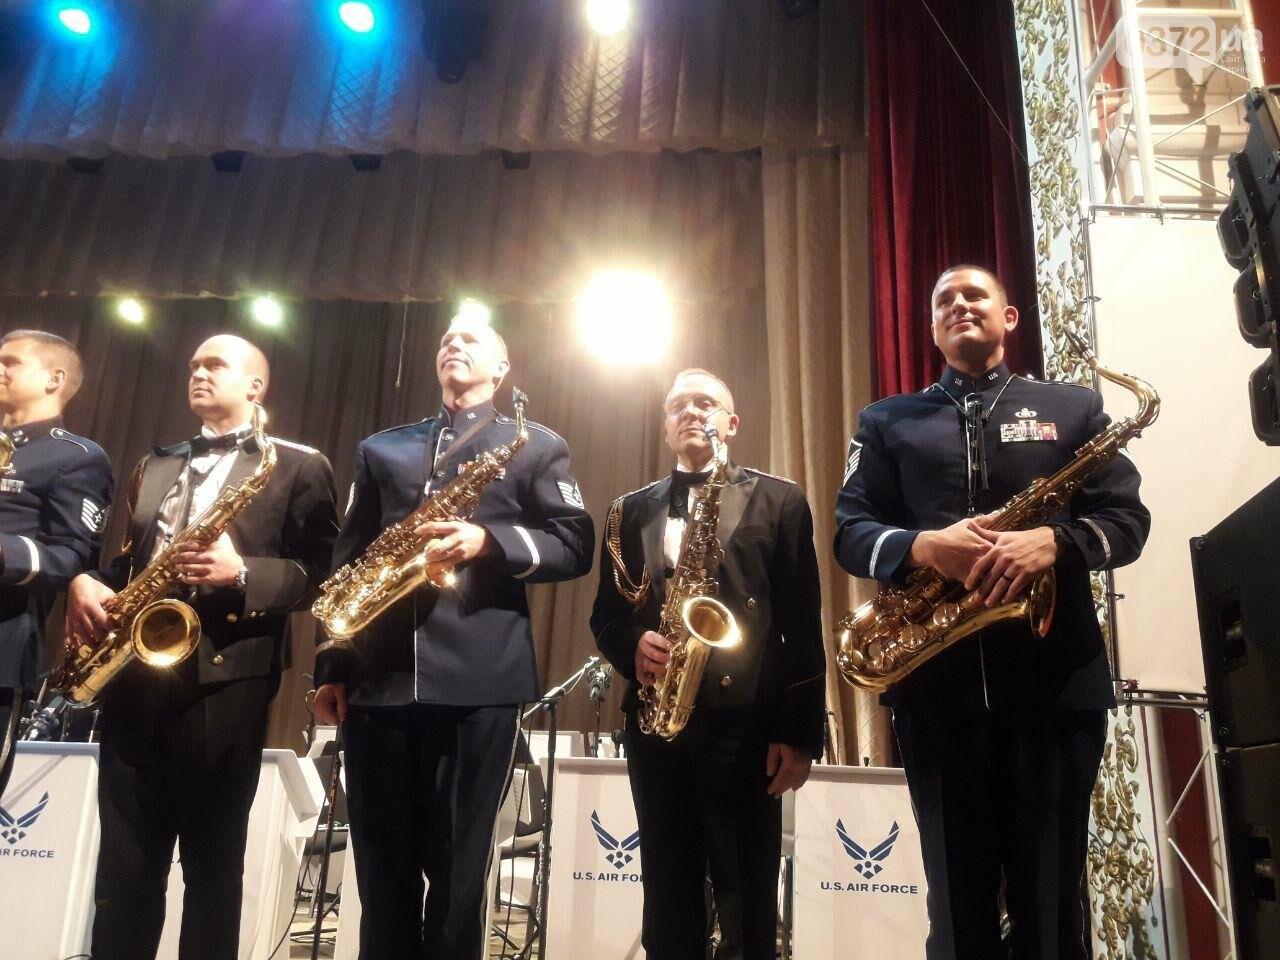 Американський оркестр виступив у філармонії в Чернівцях - ФОТО, фото-5